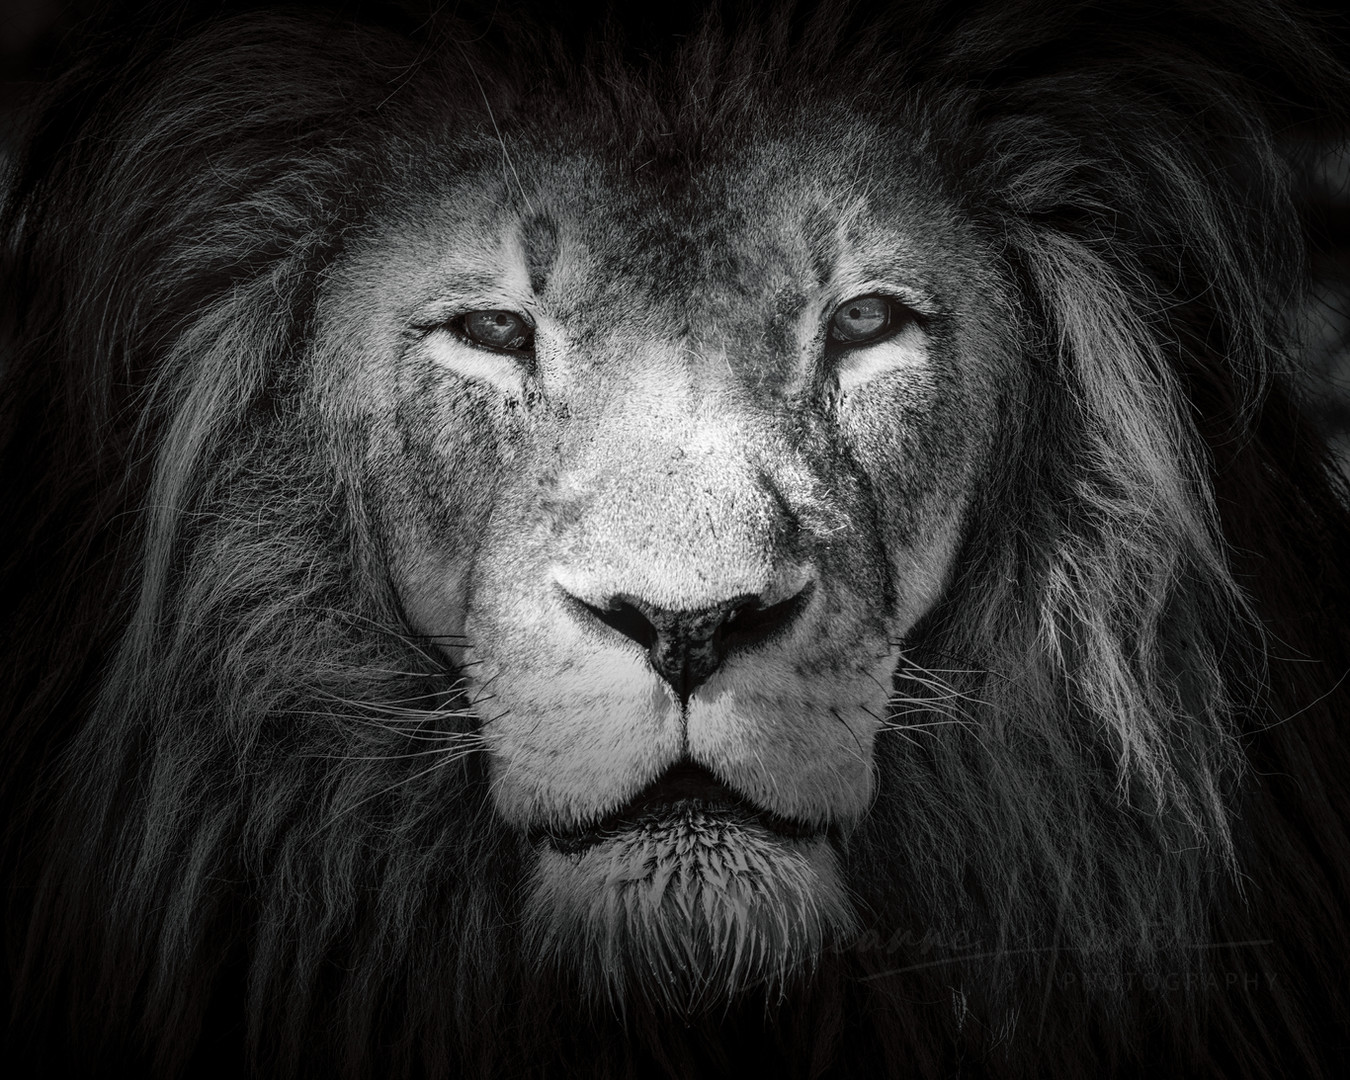 Majestic Lion (Panthera leo)